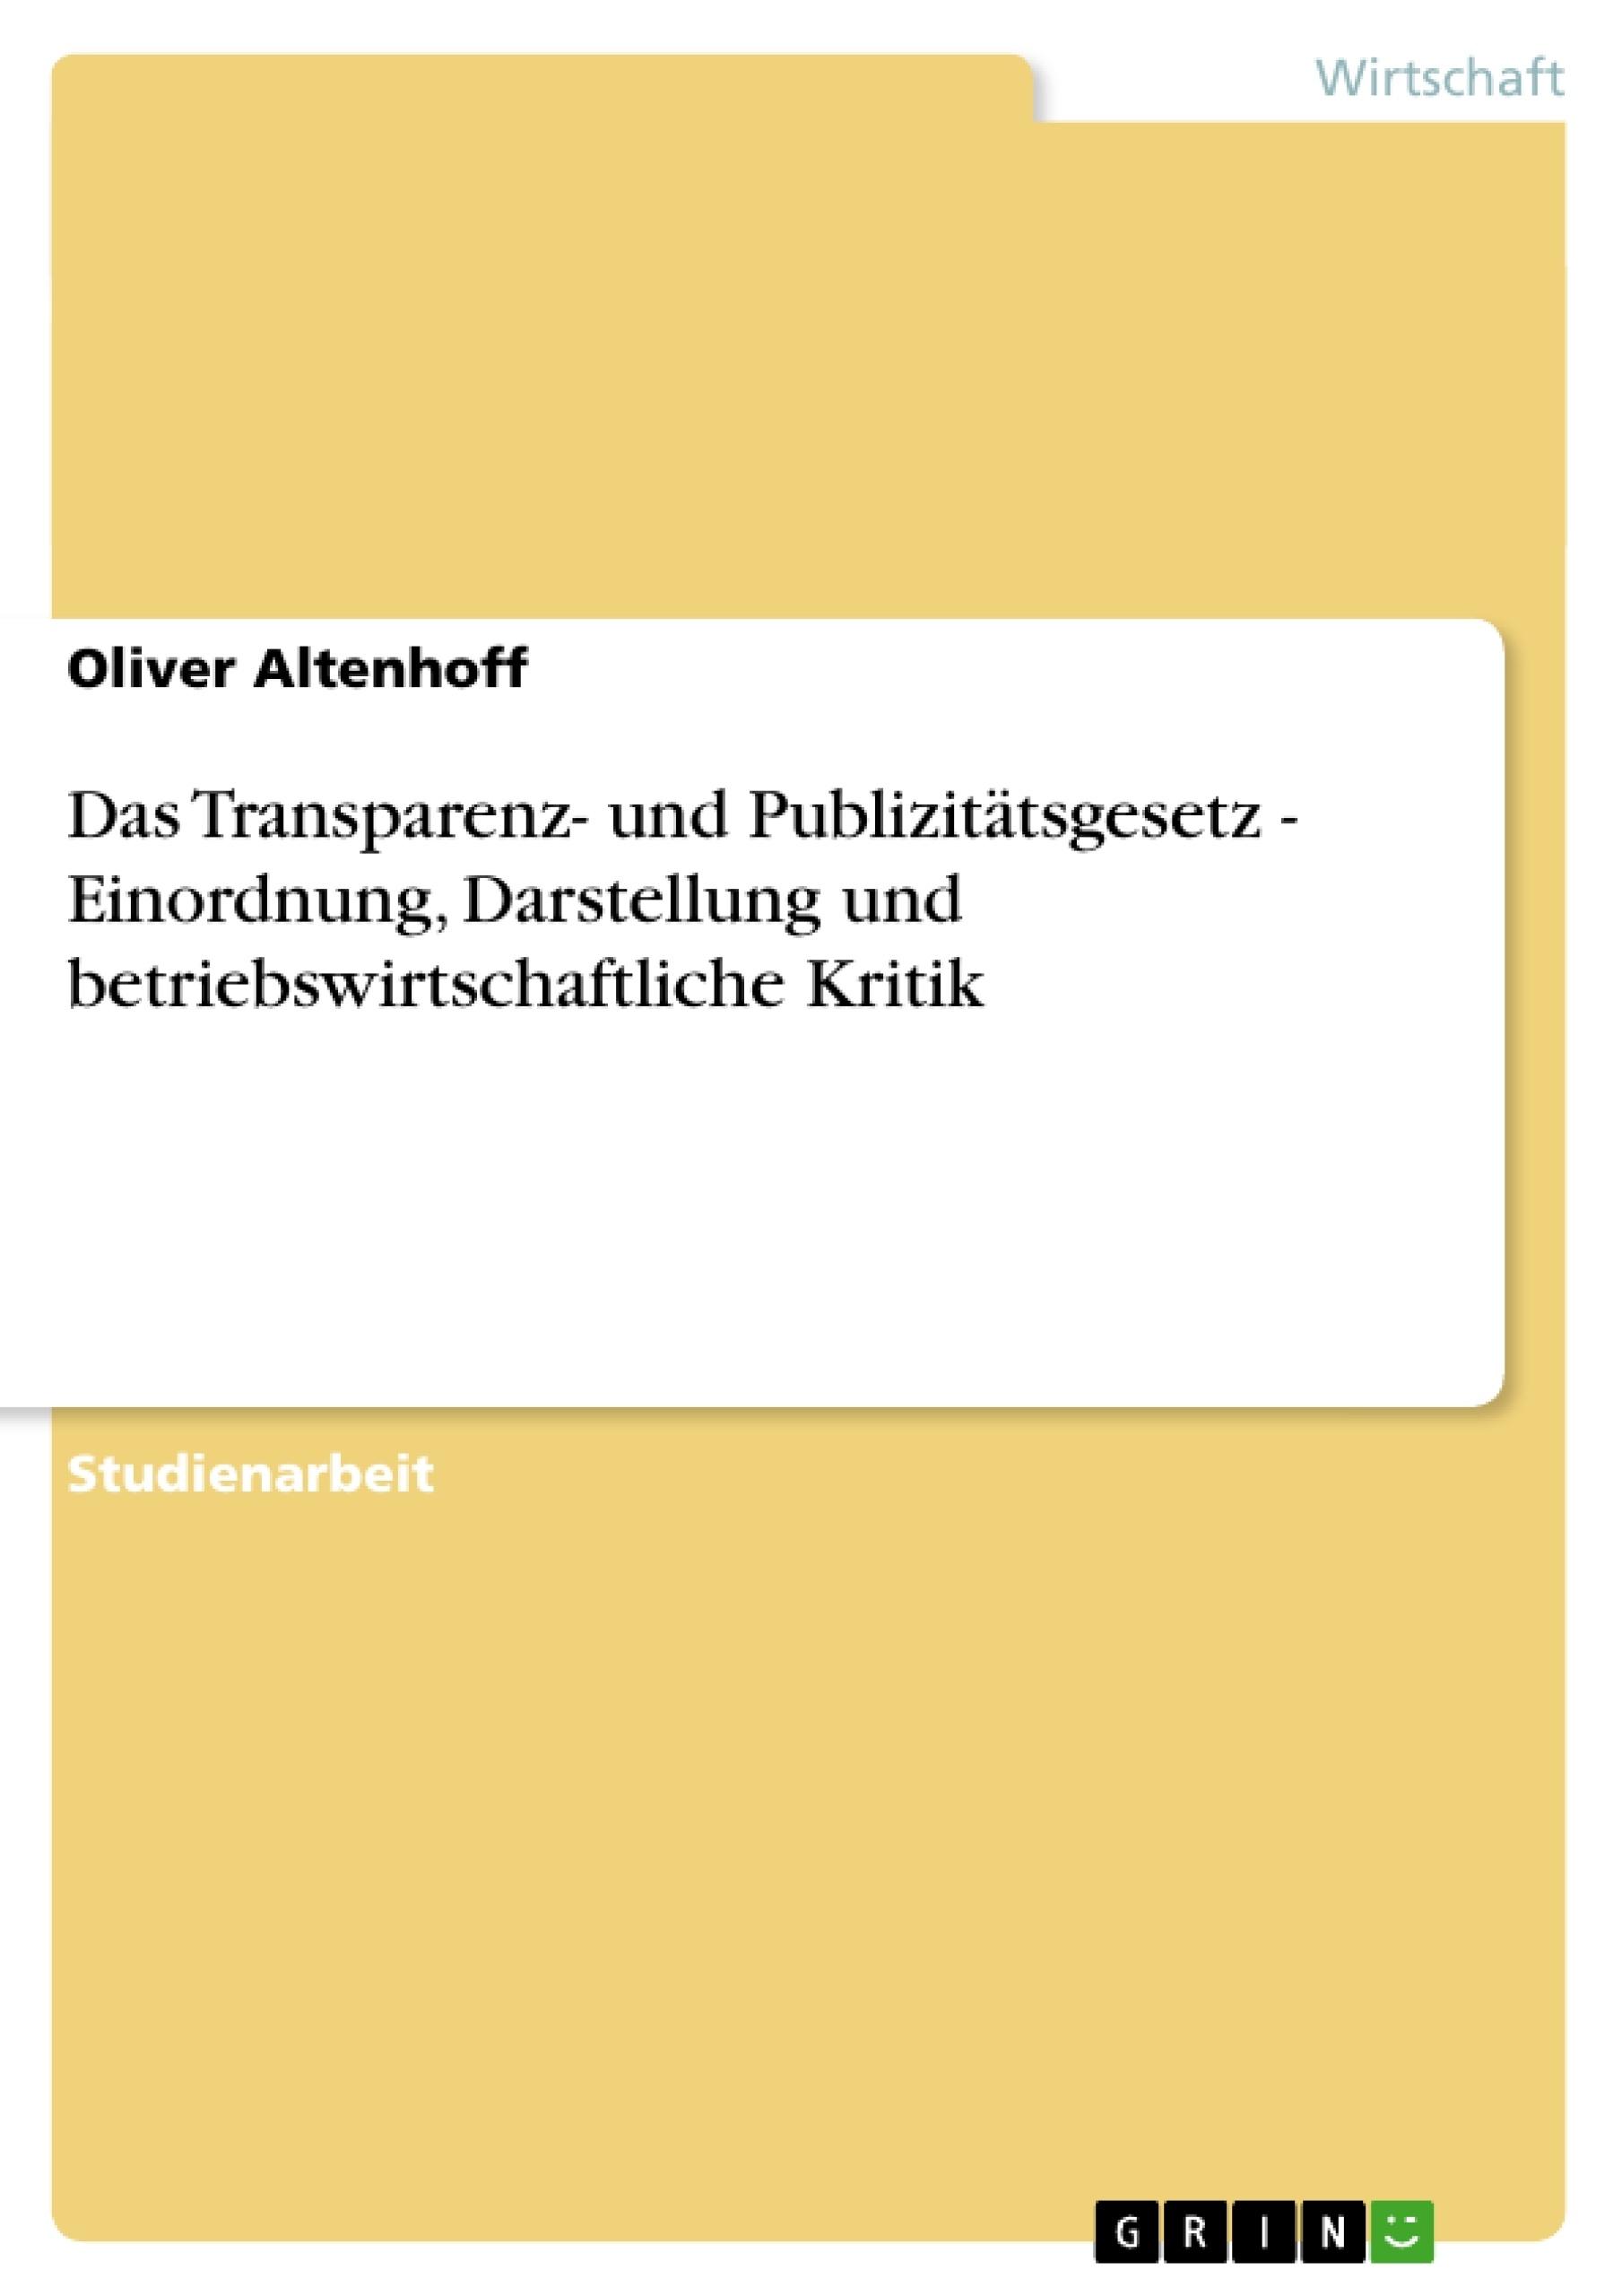 Titel: Das Transparenz- und Publizitätsgesetz - Einordnung, Darstellung und betriebswirtschaftliche Kritik